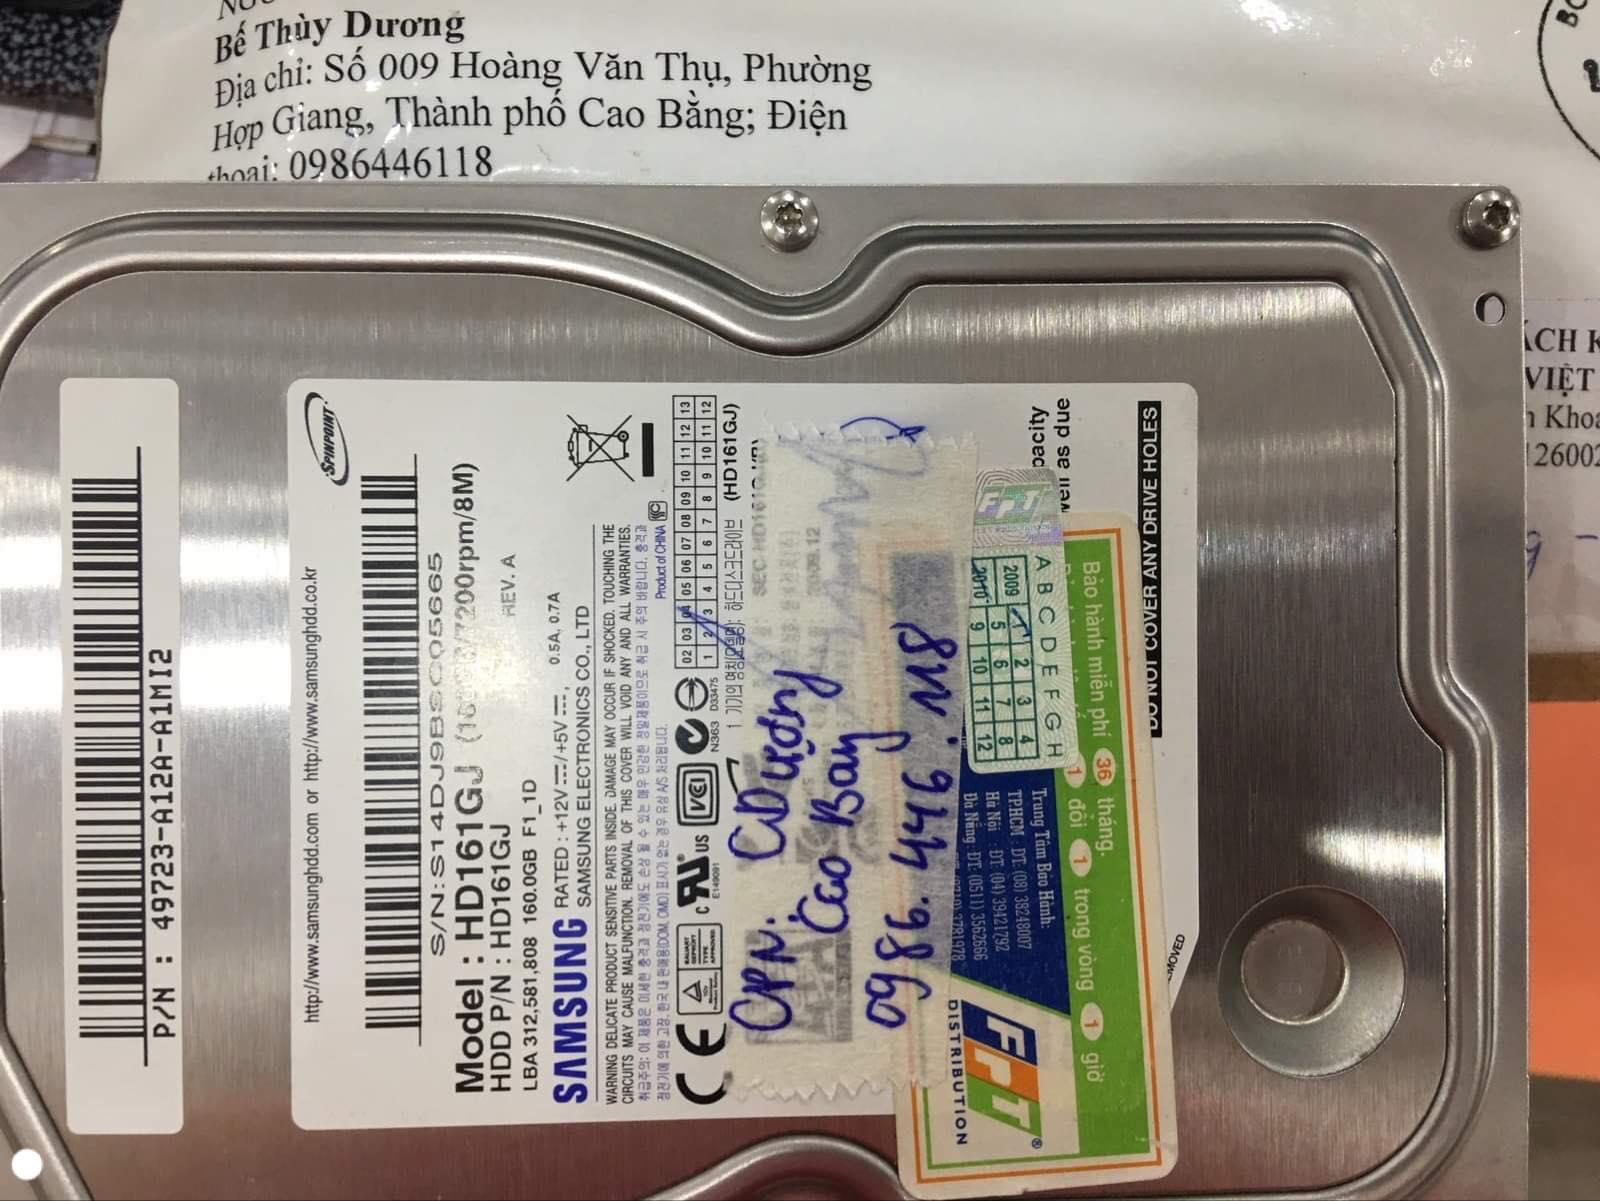 Lấy dữ liệu ổ cứng Samsung 160GB đầu đọc kém tại Cao Bằng 08/11/2019 - cuumaytinh